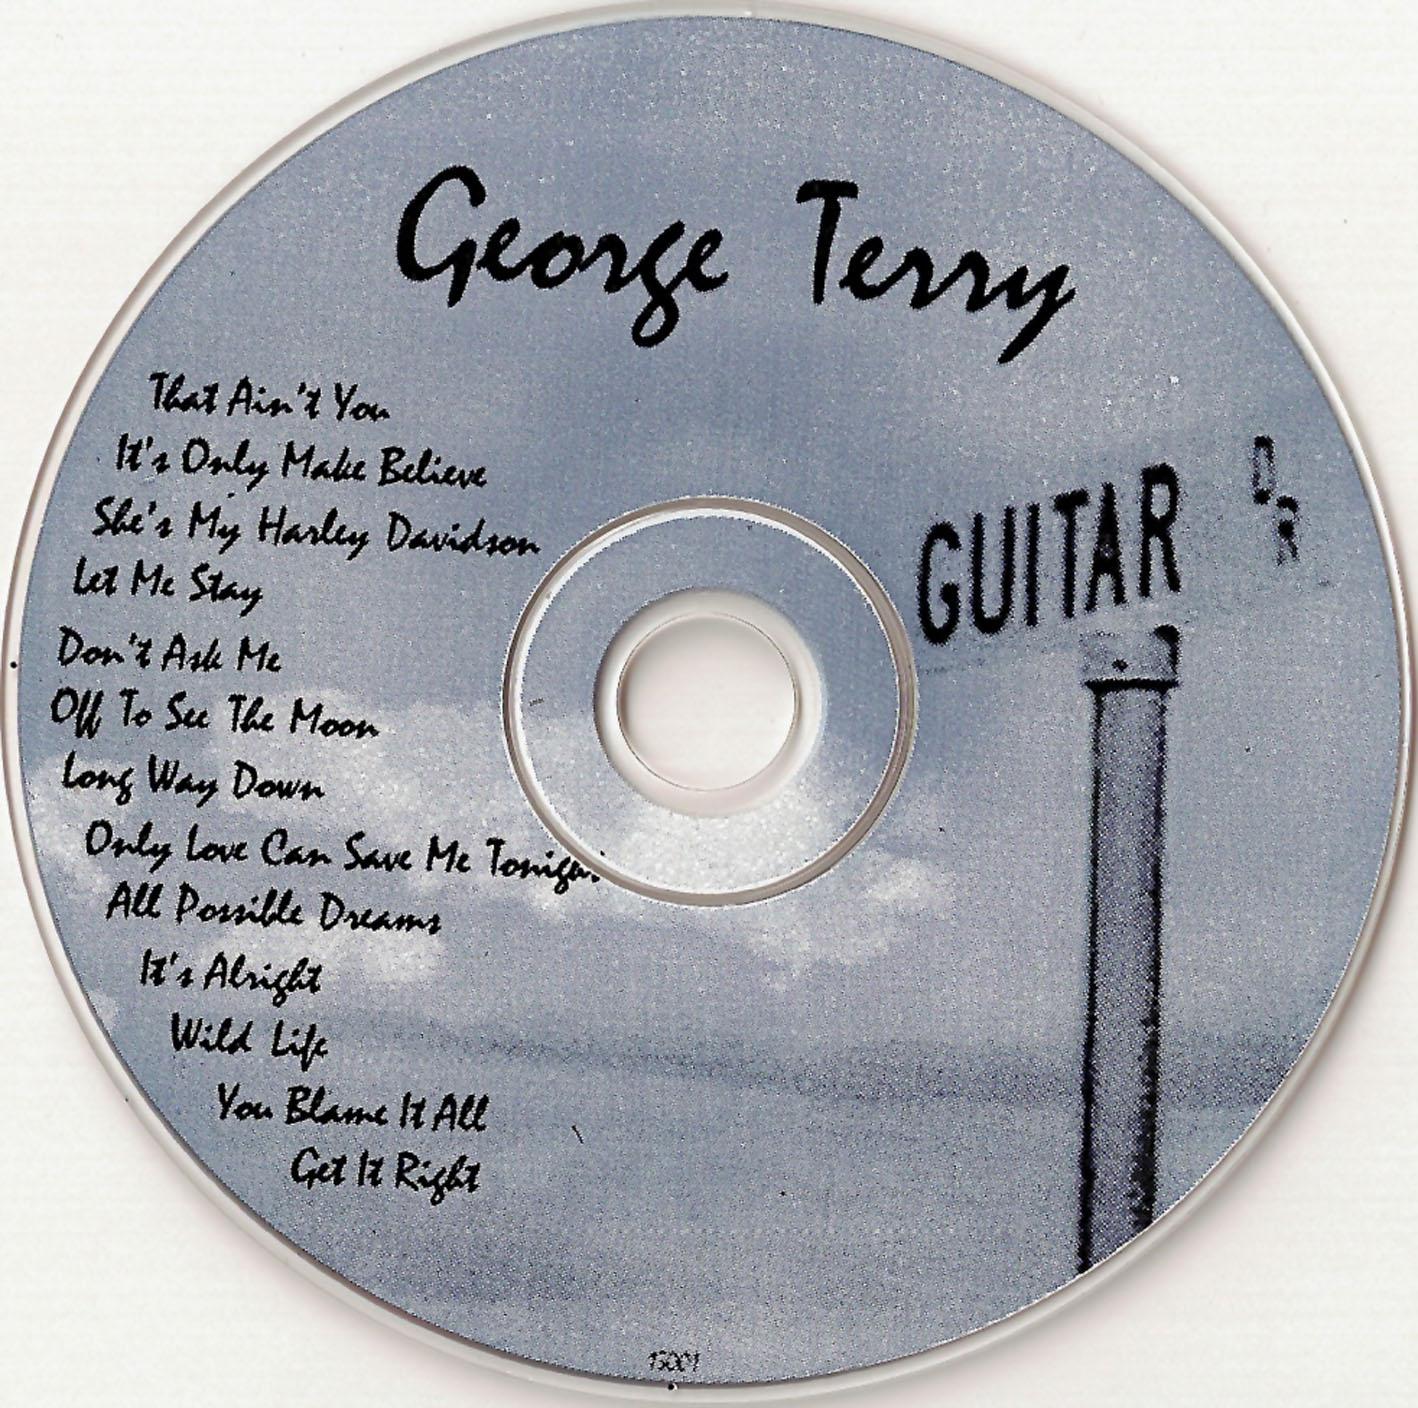 http://1.bp.blogspot.com/-4lF9KsmnQ4Q/Tjx98DfHACI/AAAAAAAAAd0/l667uUyE4j0/s1600/George+Terry+-+Guitar+Drive+%2528CD%2529.jpg